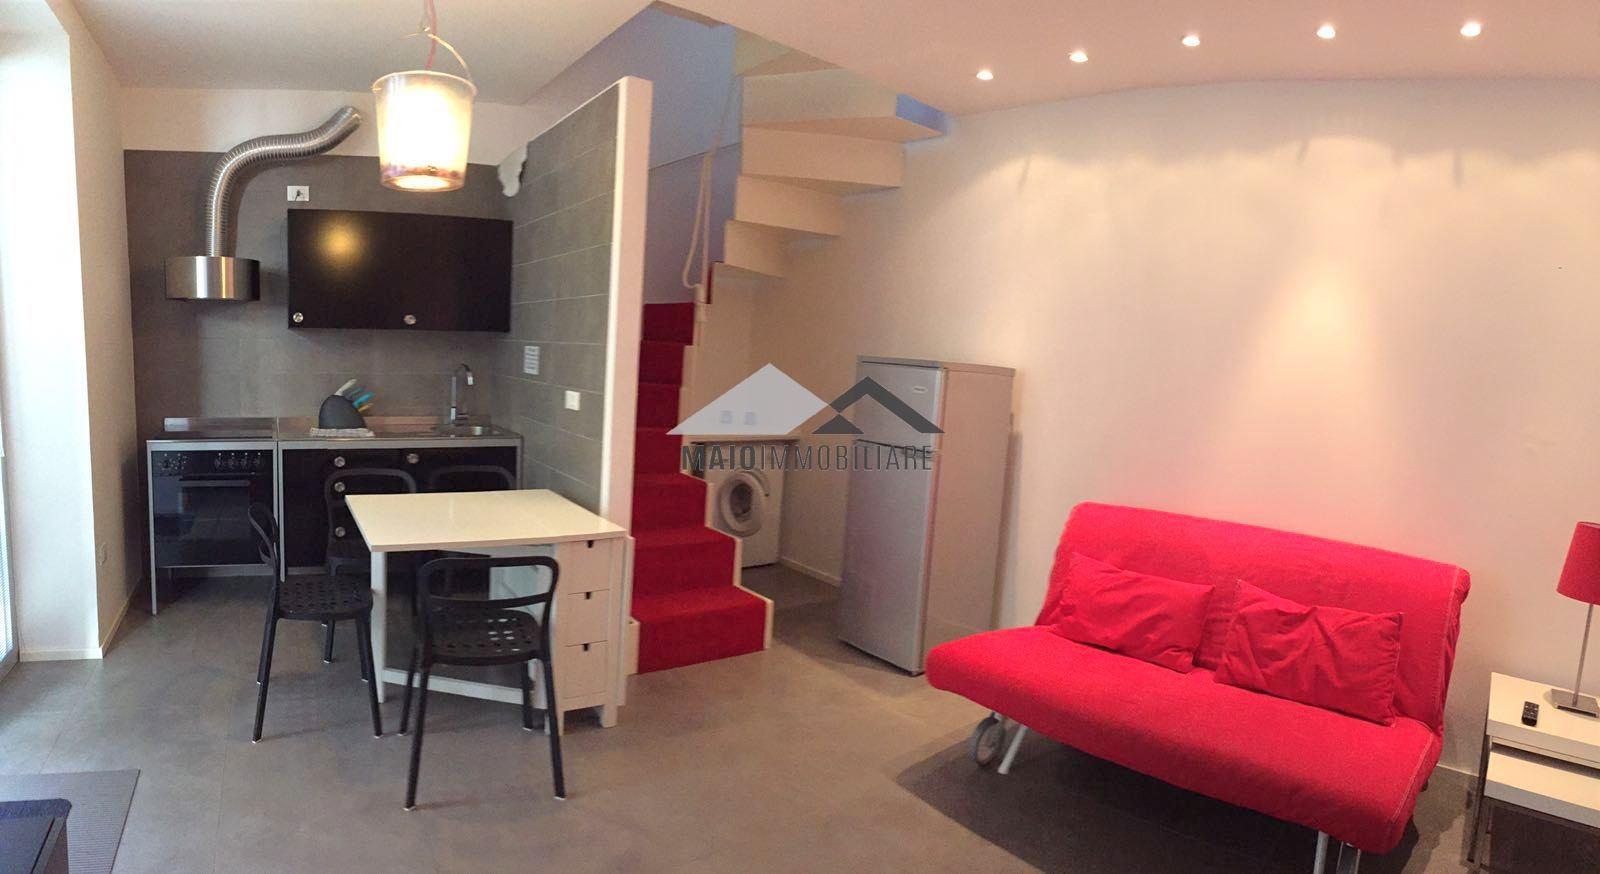 Appartamento in vendita a Riccione, 2 locali, zona Località: CENTRO, prezzo € 260.000 | Cambio Casa.it